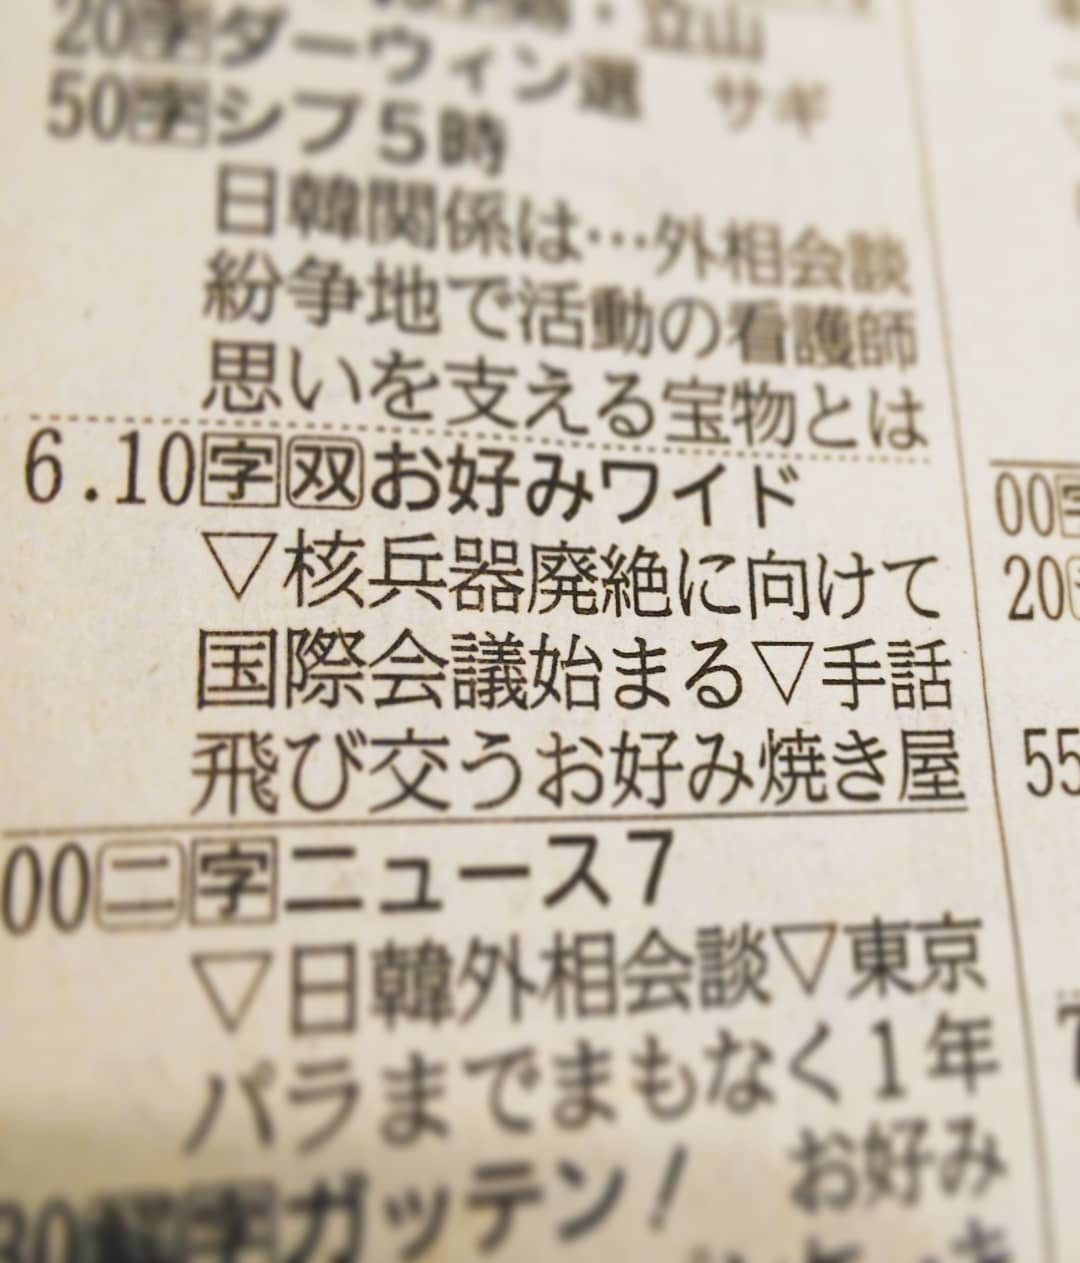 おこのみワイド広島に出ます。_c0353492_08132540.jpg